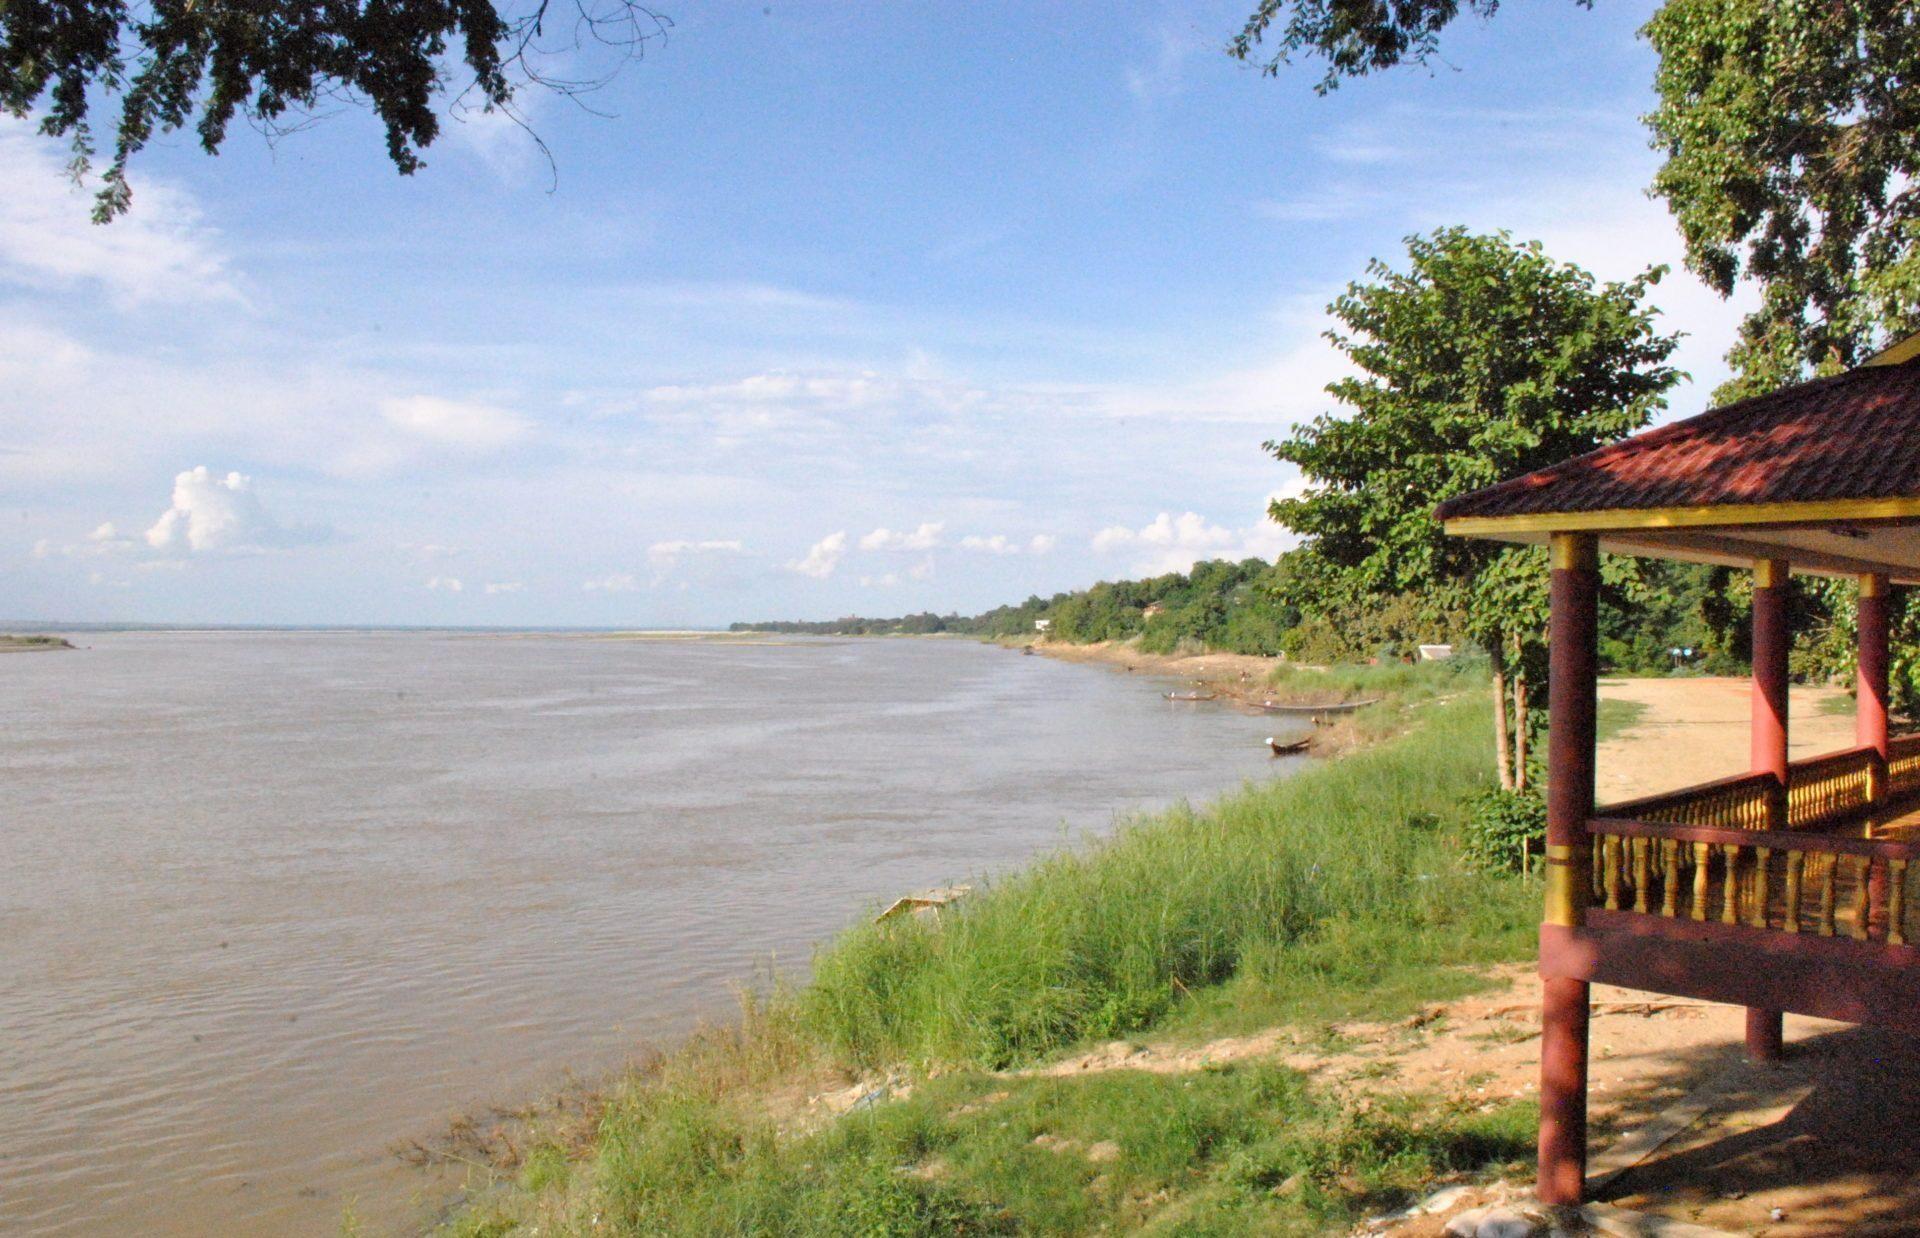 Río Irawadi junto a la pagoda